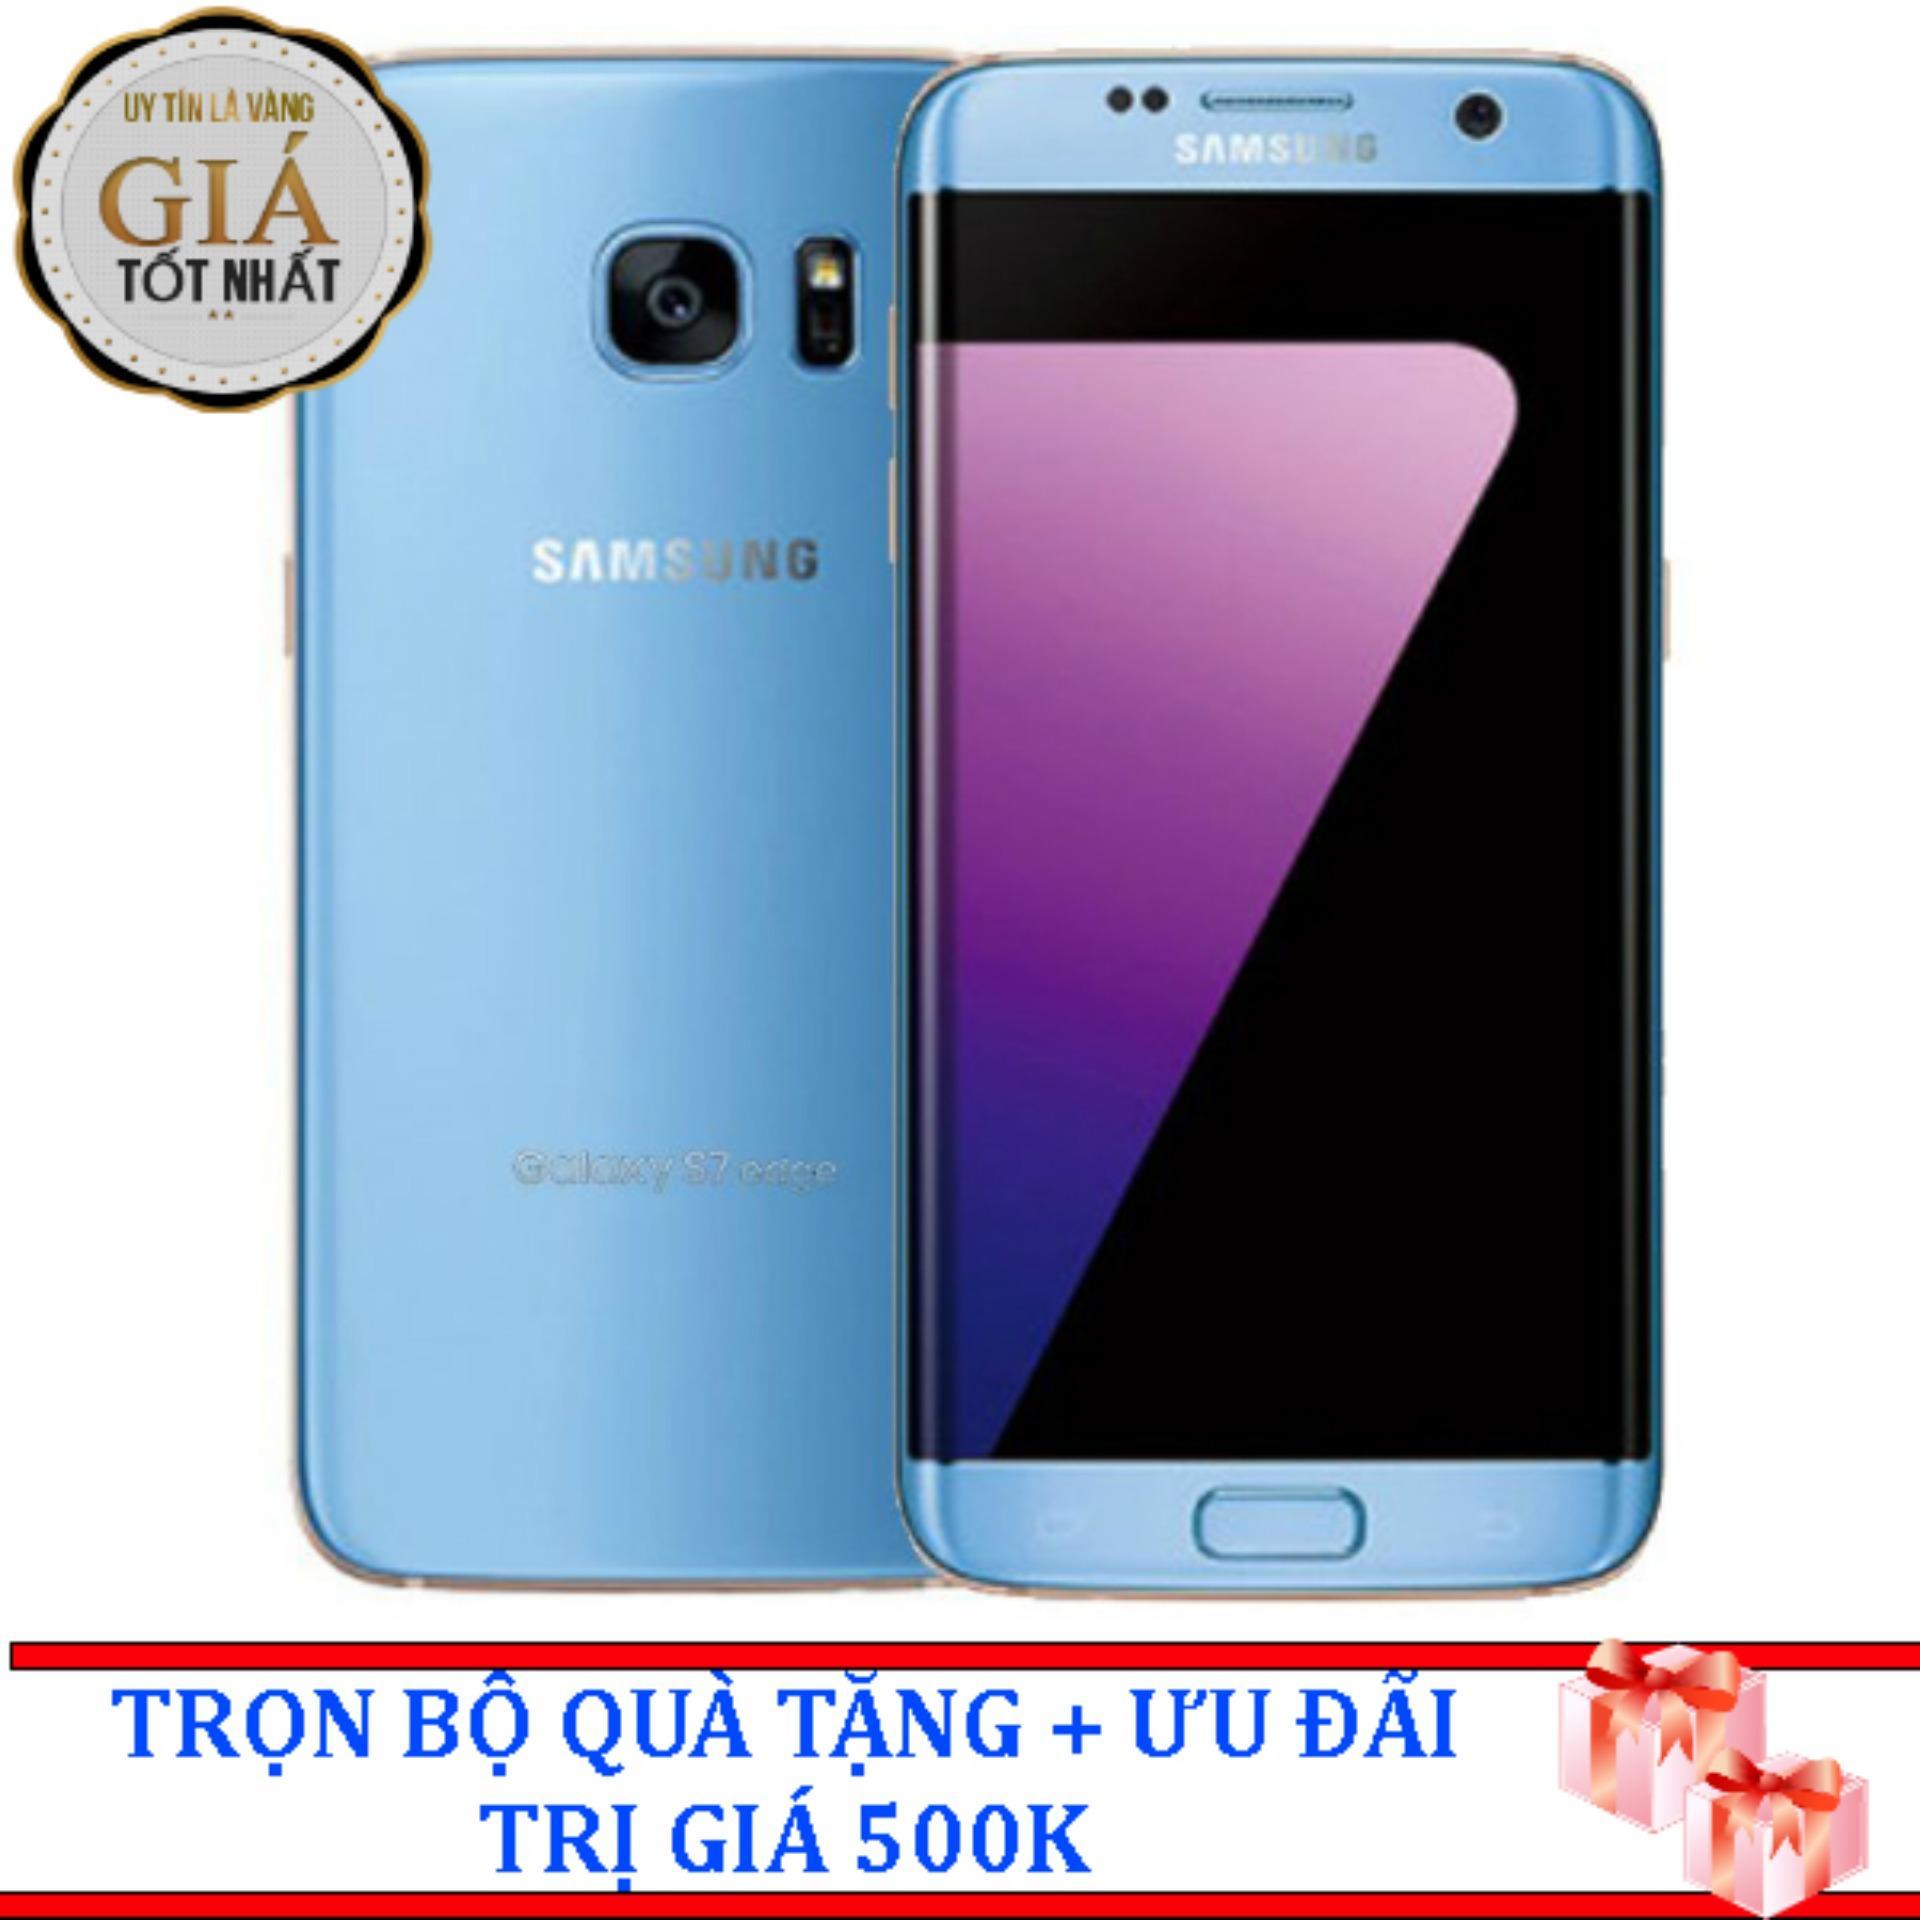 Giá Bán Samsung Galaxy S7 Edge 32Gb Xanh Coral Hang Nhập Khẩu Mới